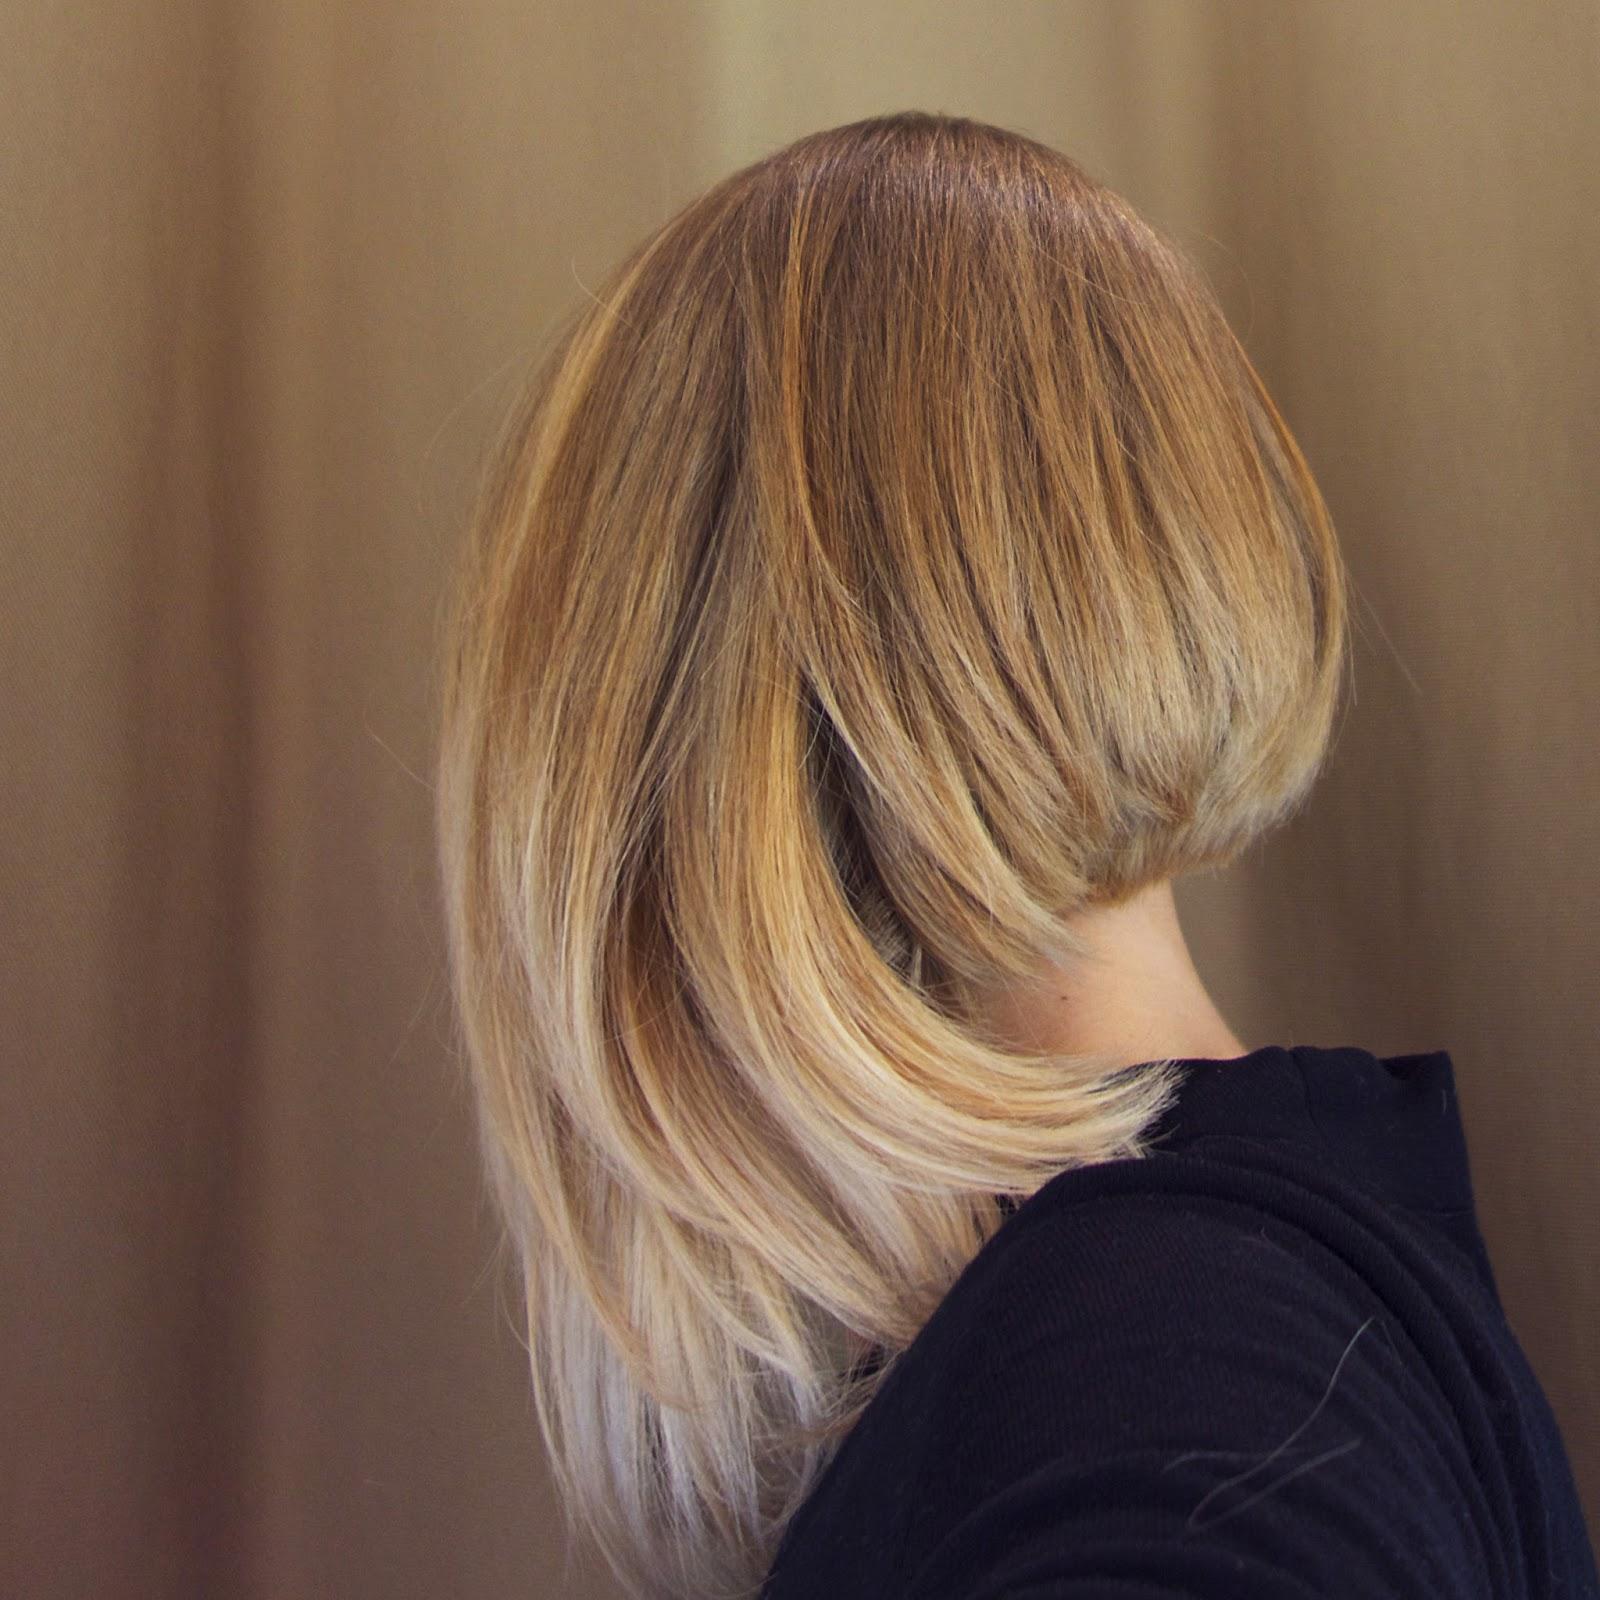 Fakta saat ini ternyata banyak perempuan yang mengabaikan kesehatan dan  keindahan rambut mereka. Mereka para wanita ini hanya fokus untuk  memperhatikan ... b03cdf01e4